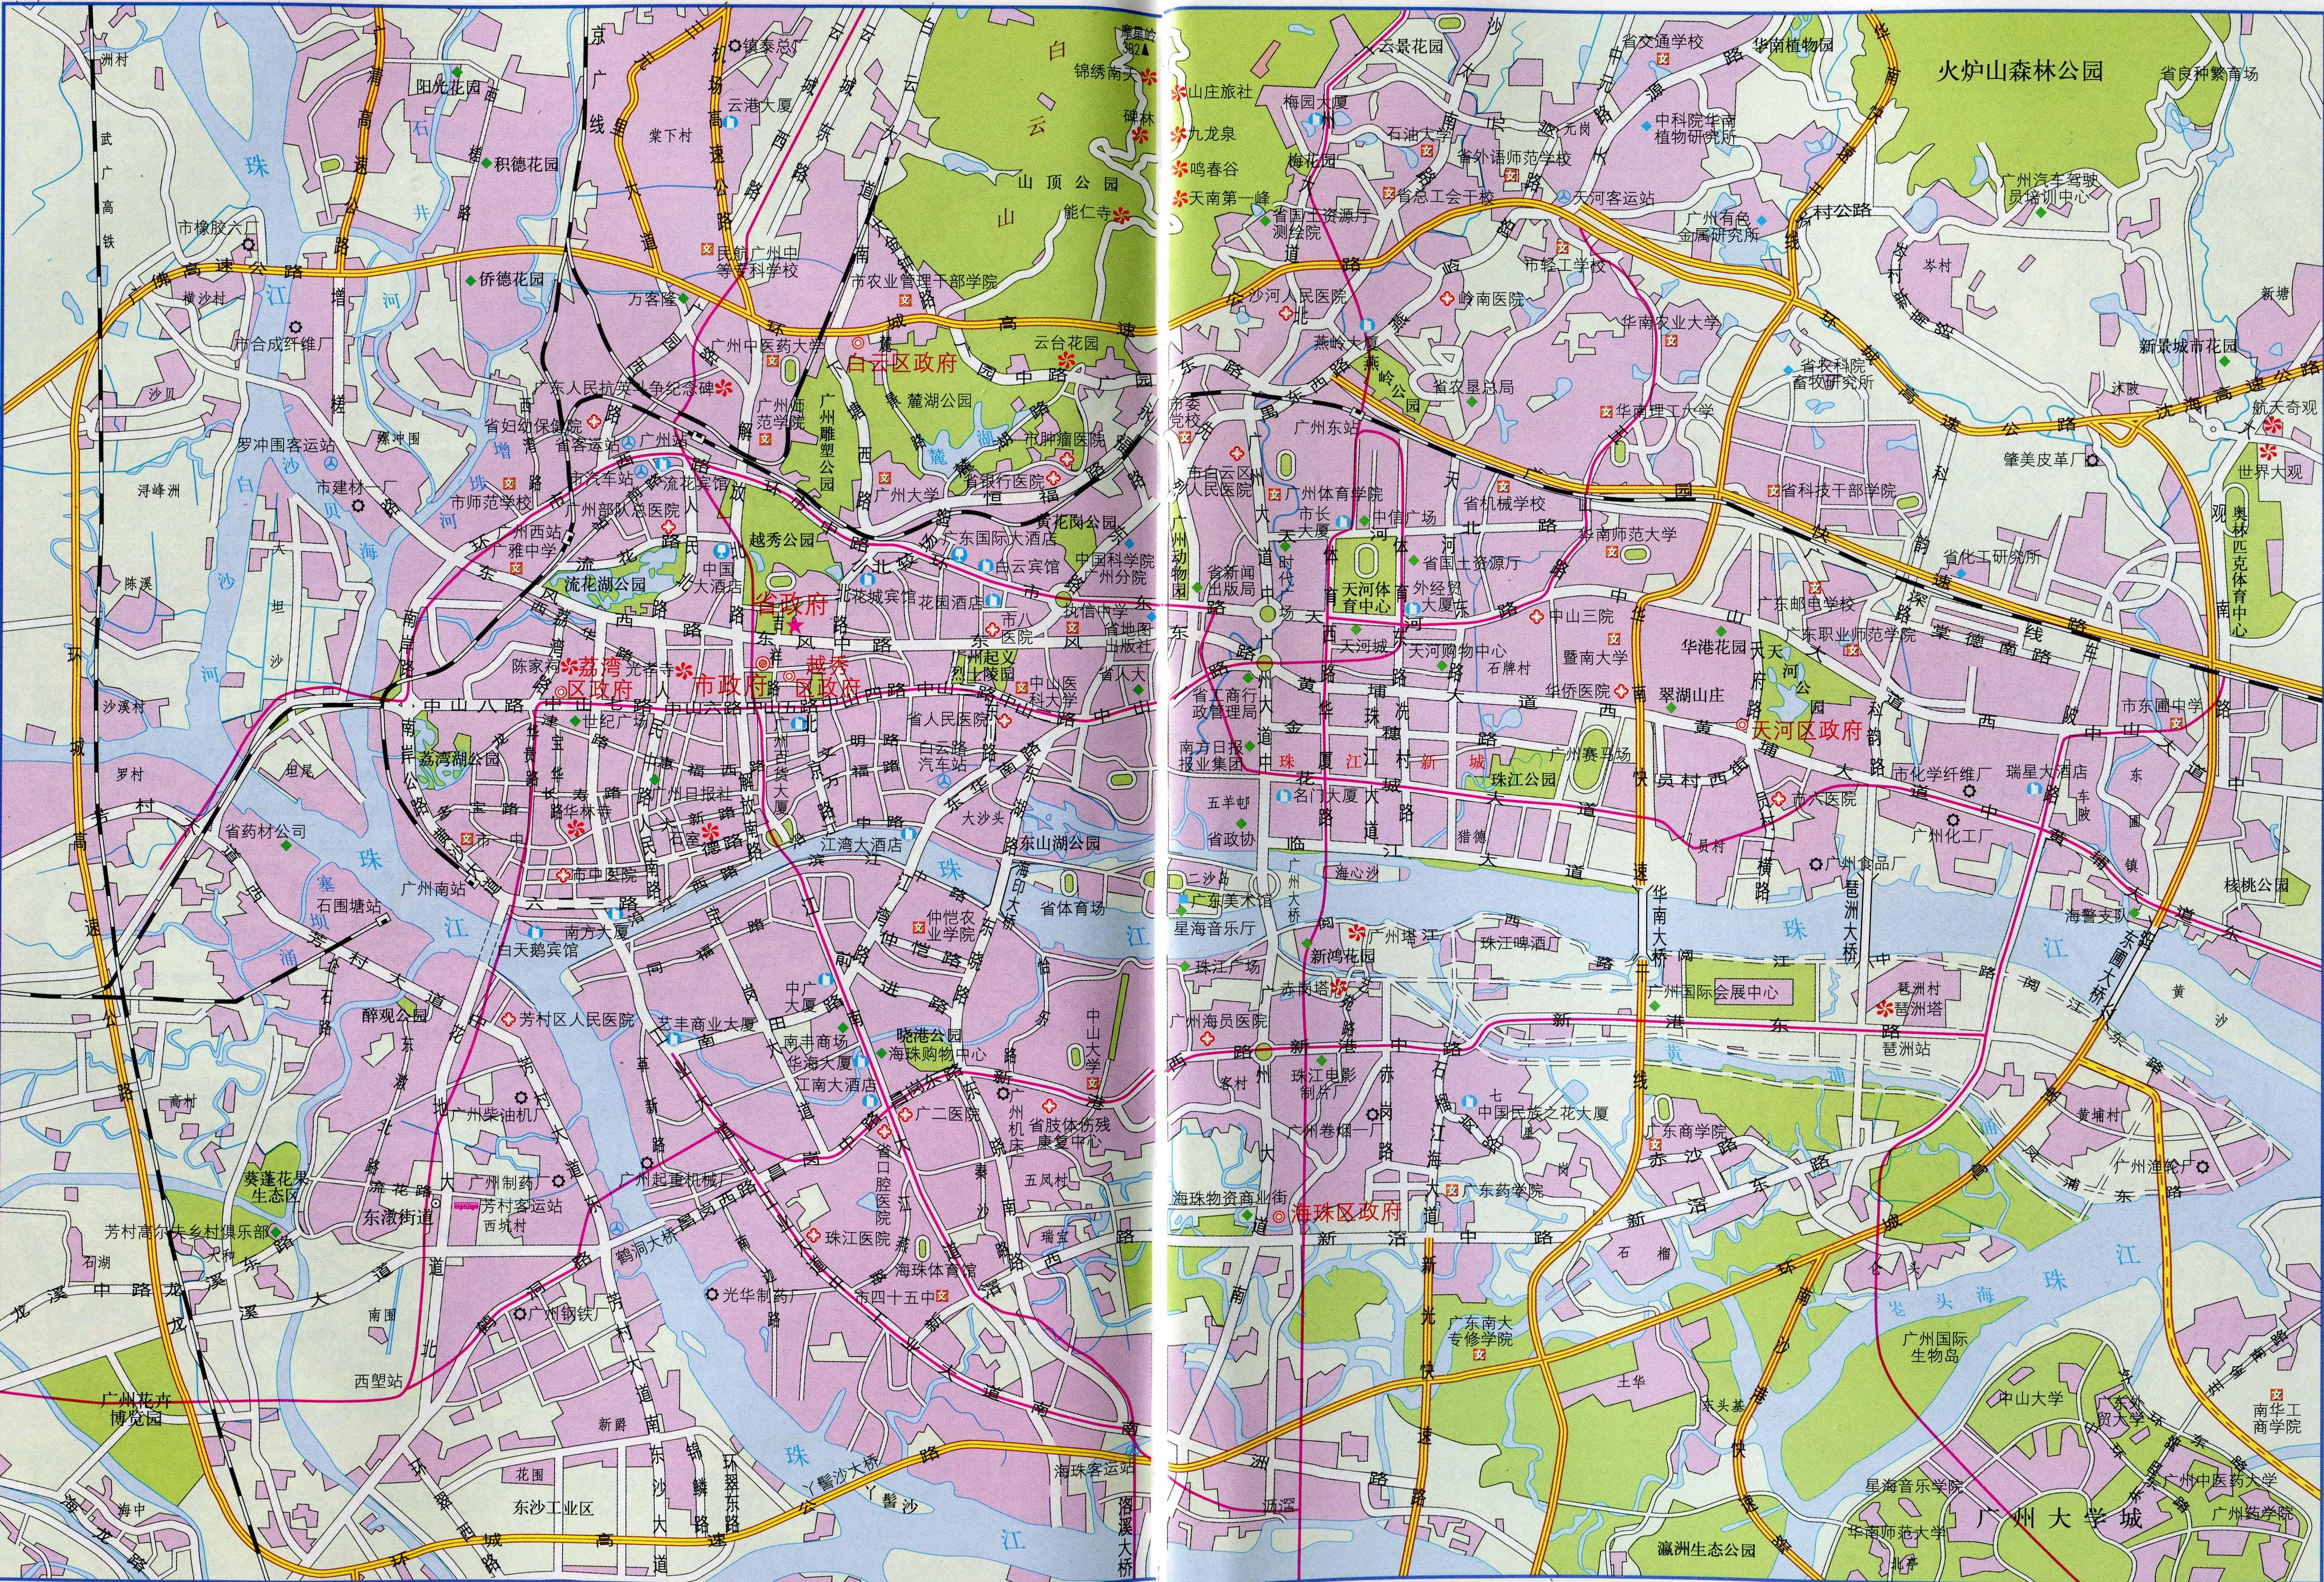 广州市城区地图高清全图